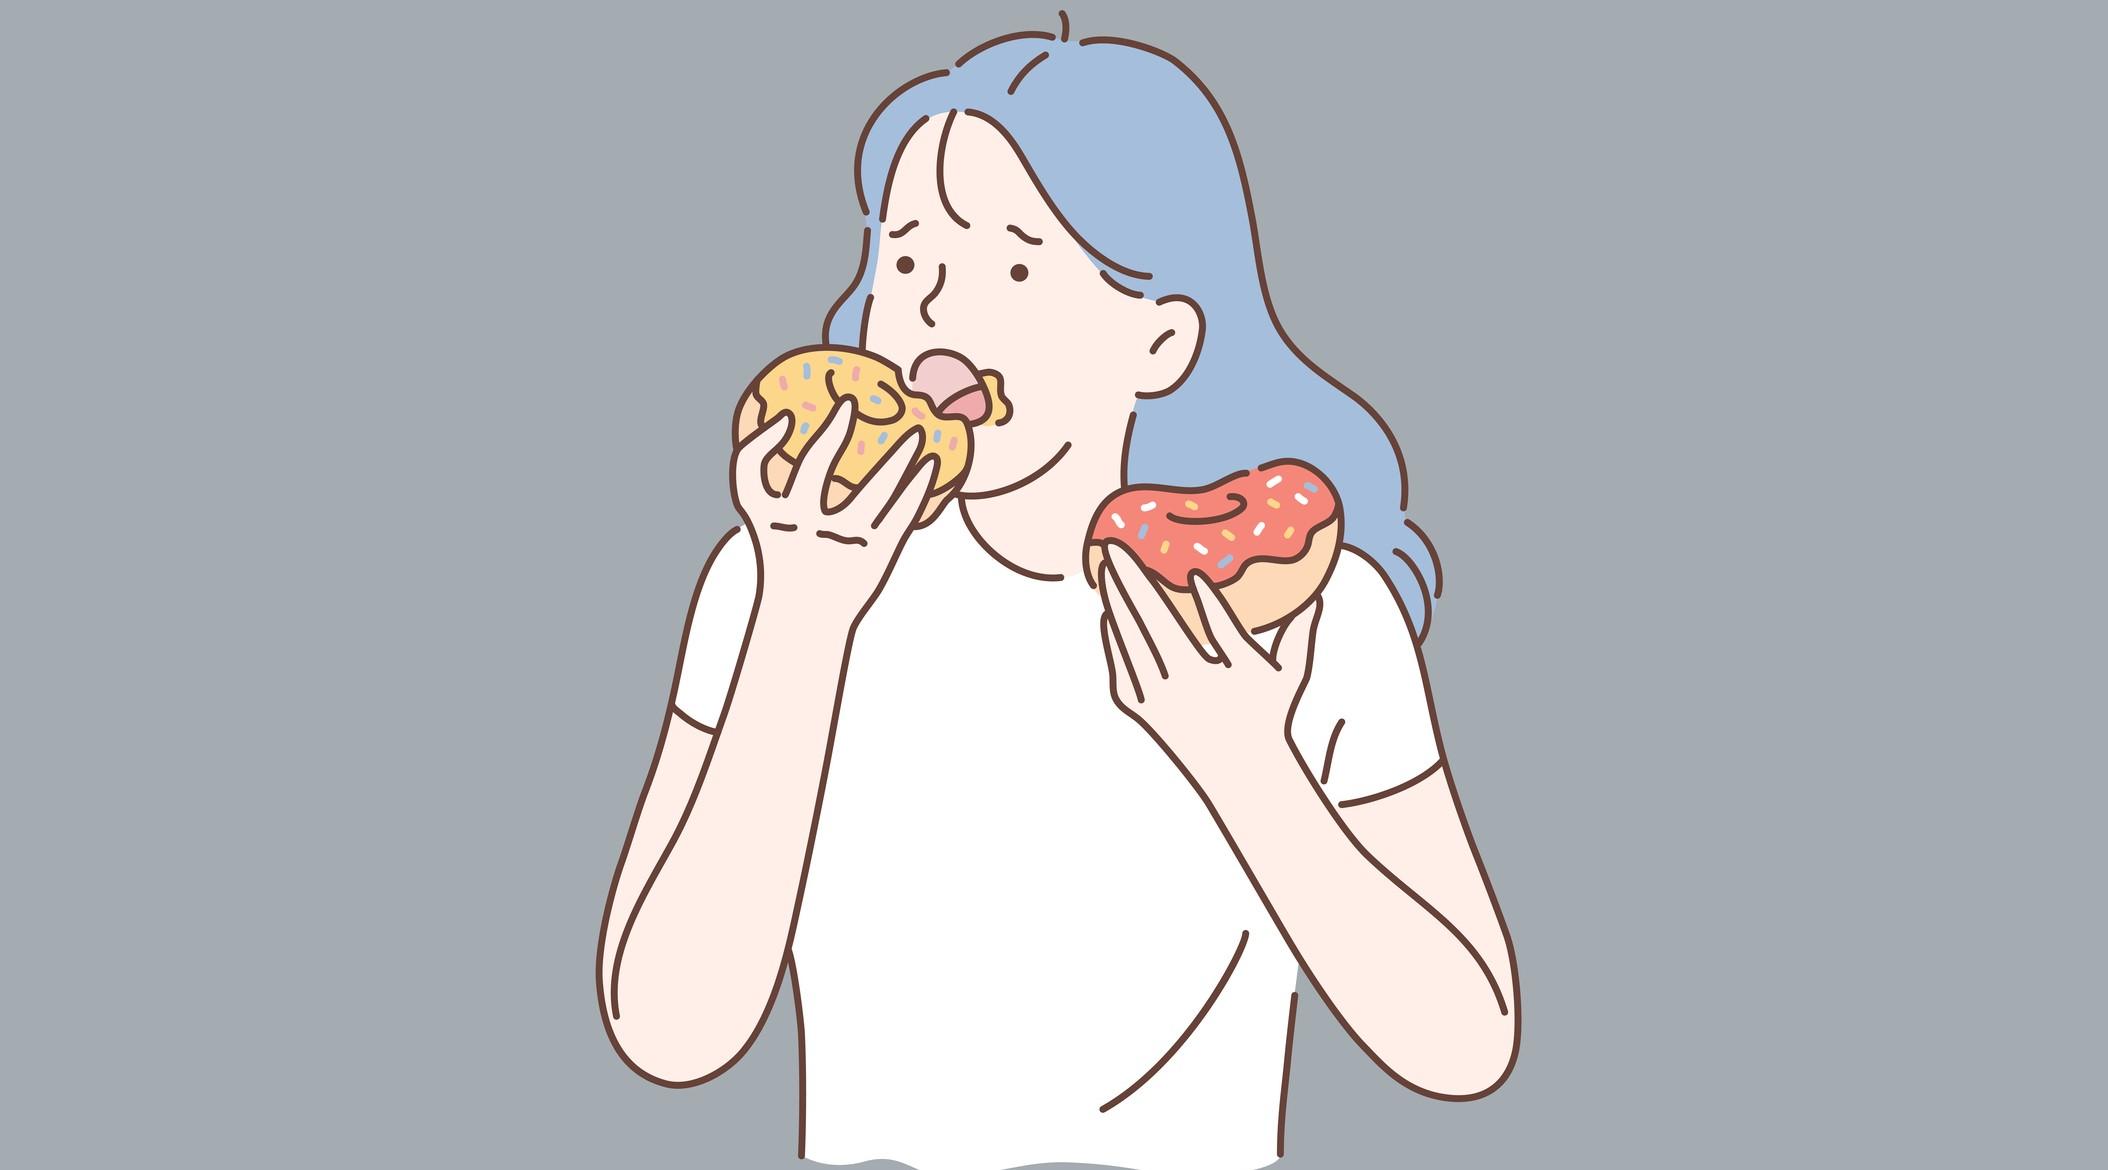 「飲むだけ、食べるだけで痩せる」「楽してダイエット」に喝!誘惑に弱い人に向けたメガロストレーナーの言葉